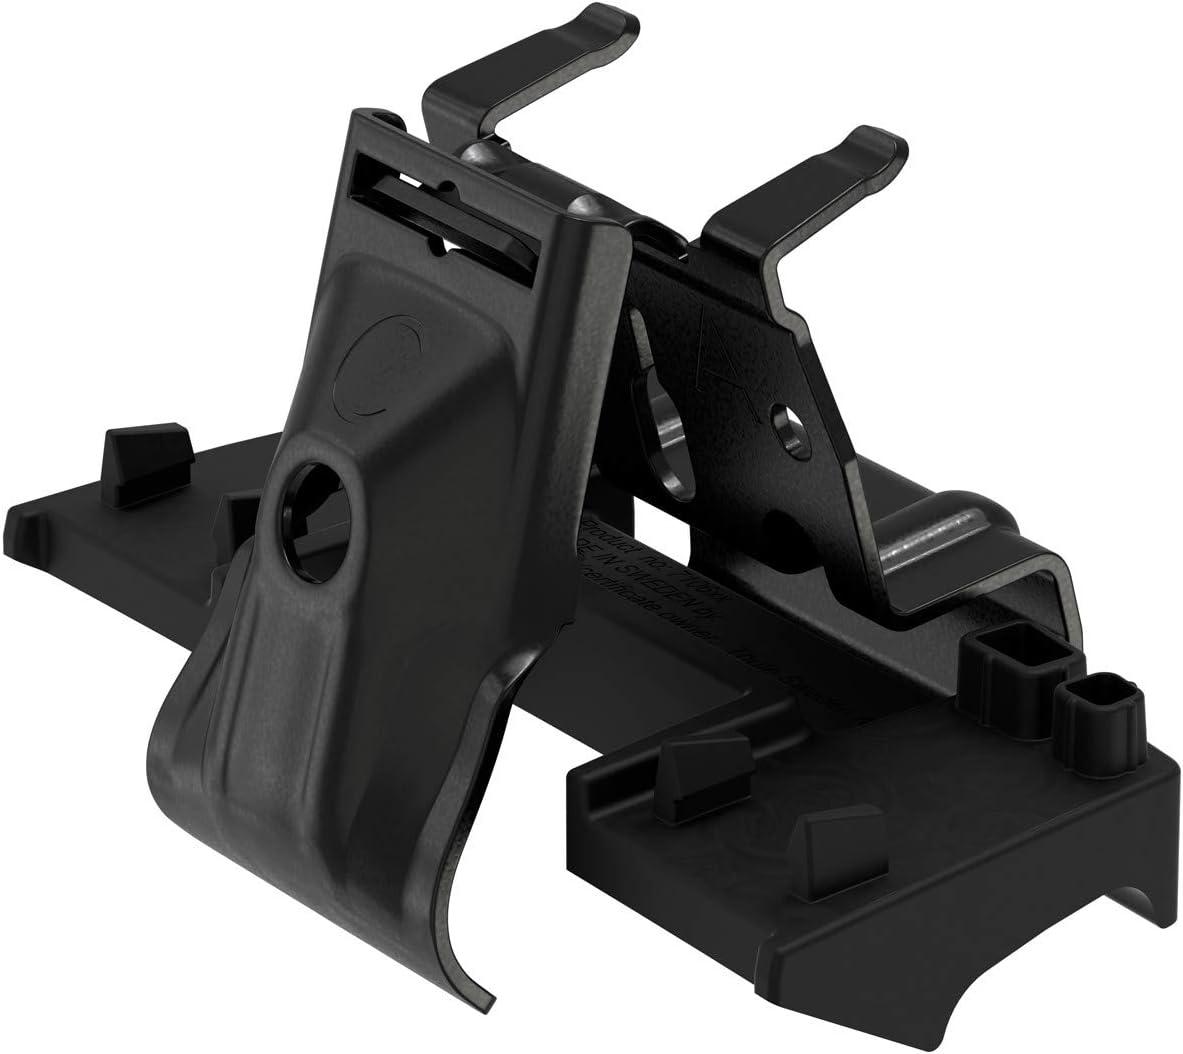 Negro Thule 186052 Kit de Ajuste Personalizado para Montar una Barra de Techo